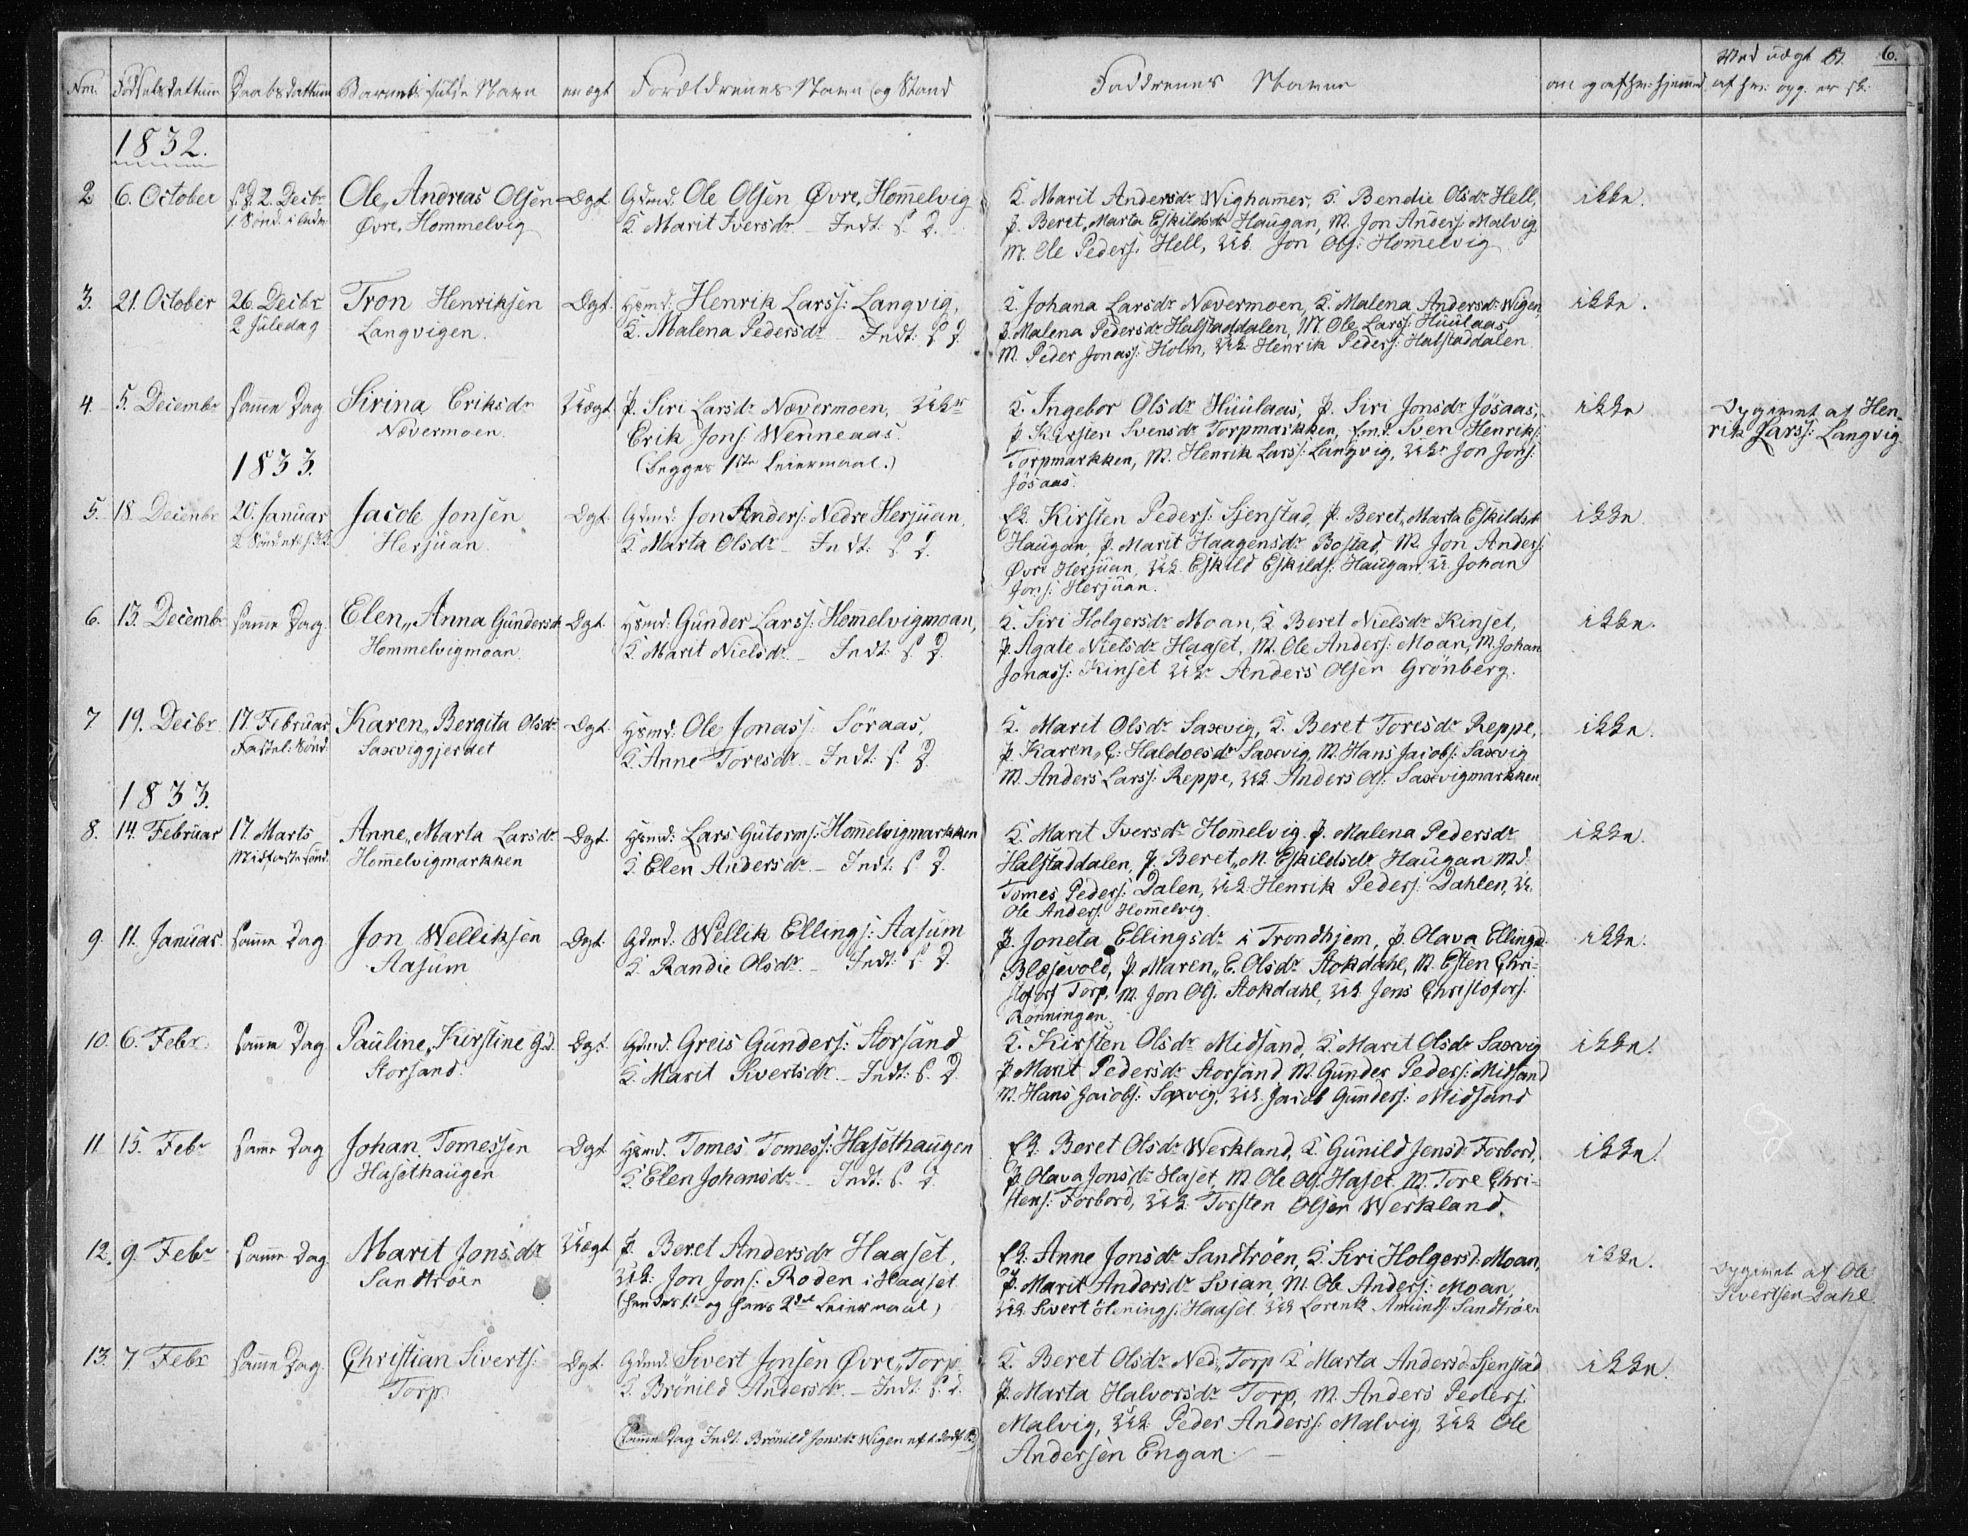 SAT, Ministerialprotokoller, klokkerbøker og fødselsregistre - Sør-Trøndelag, 616/L0405: Ministerialbok nr. 616A02, 1831-1842, s. 6